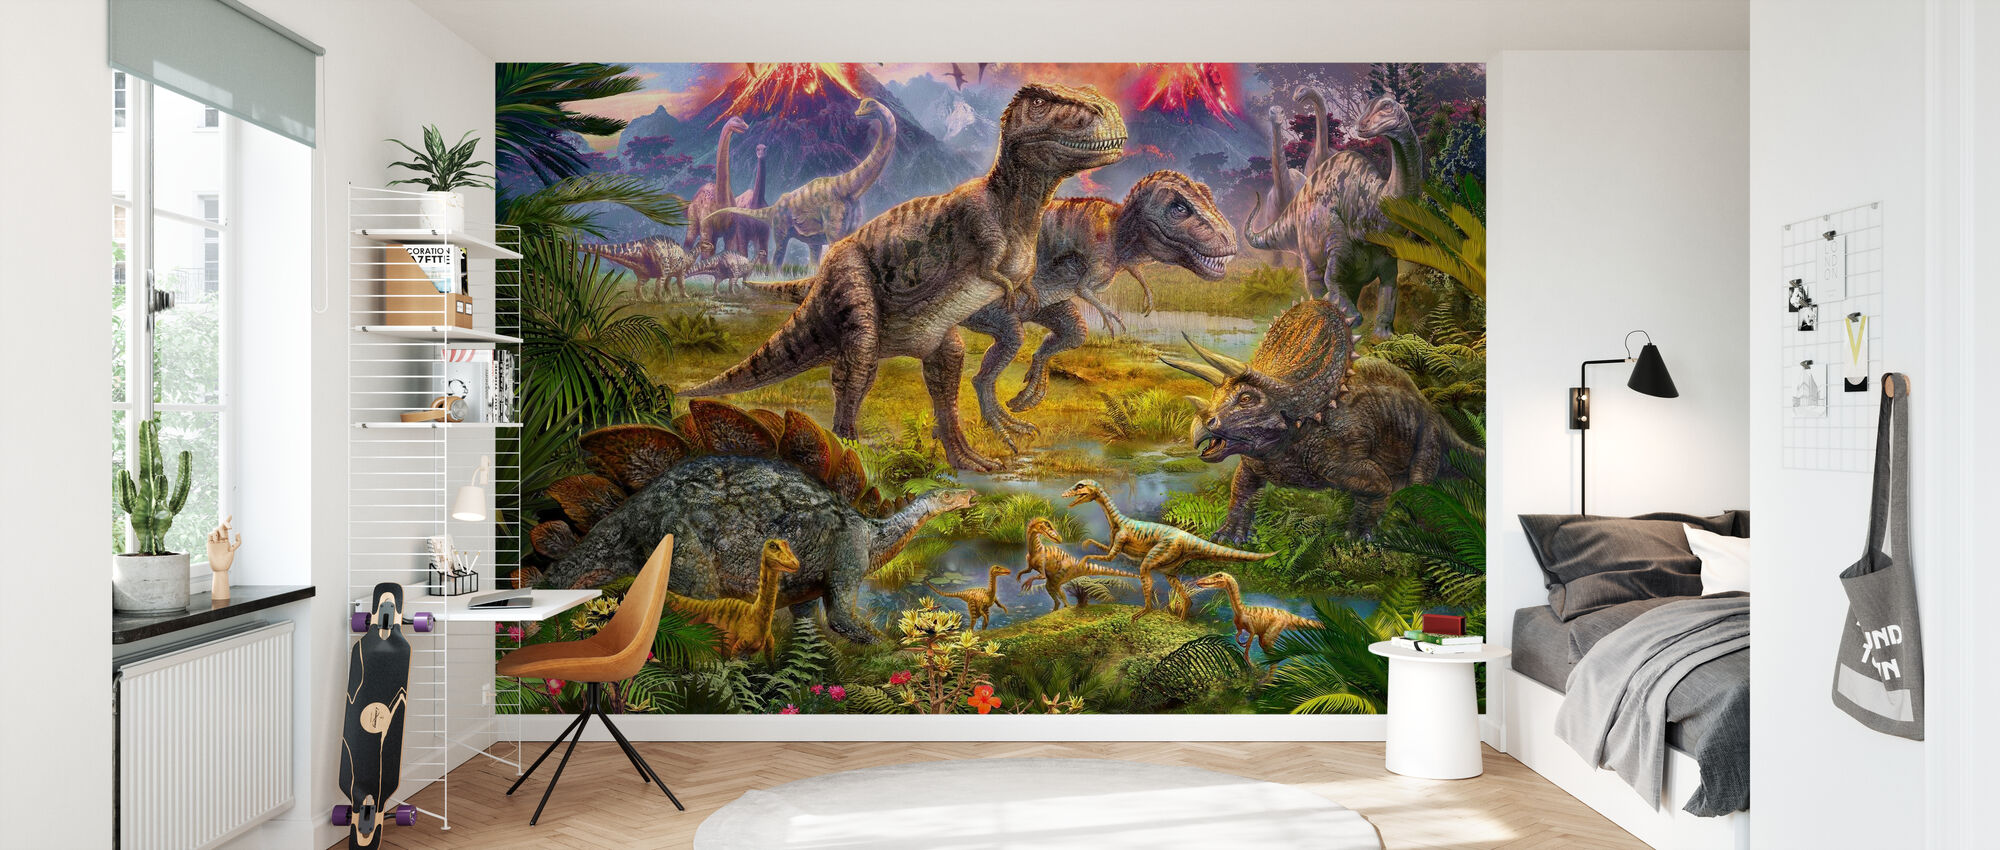 Dinosaur Gathering - Wallpaper - Kids Room